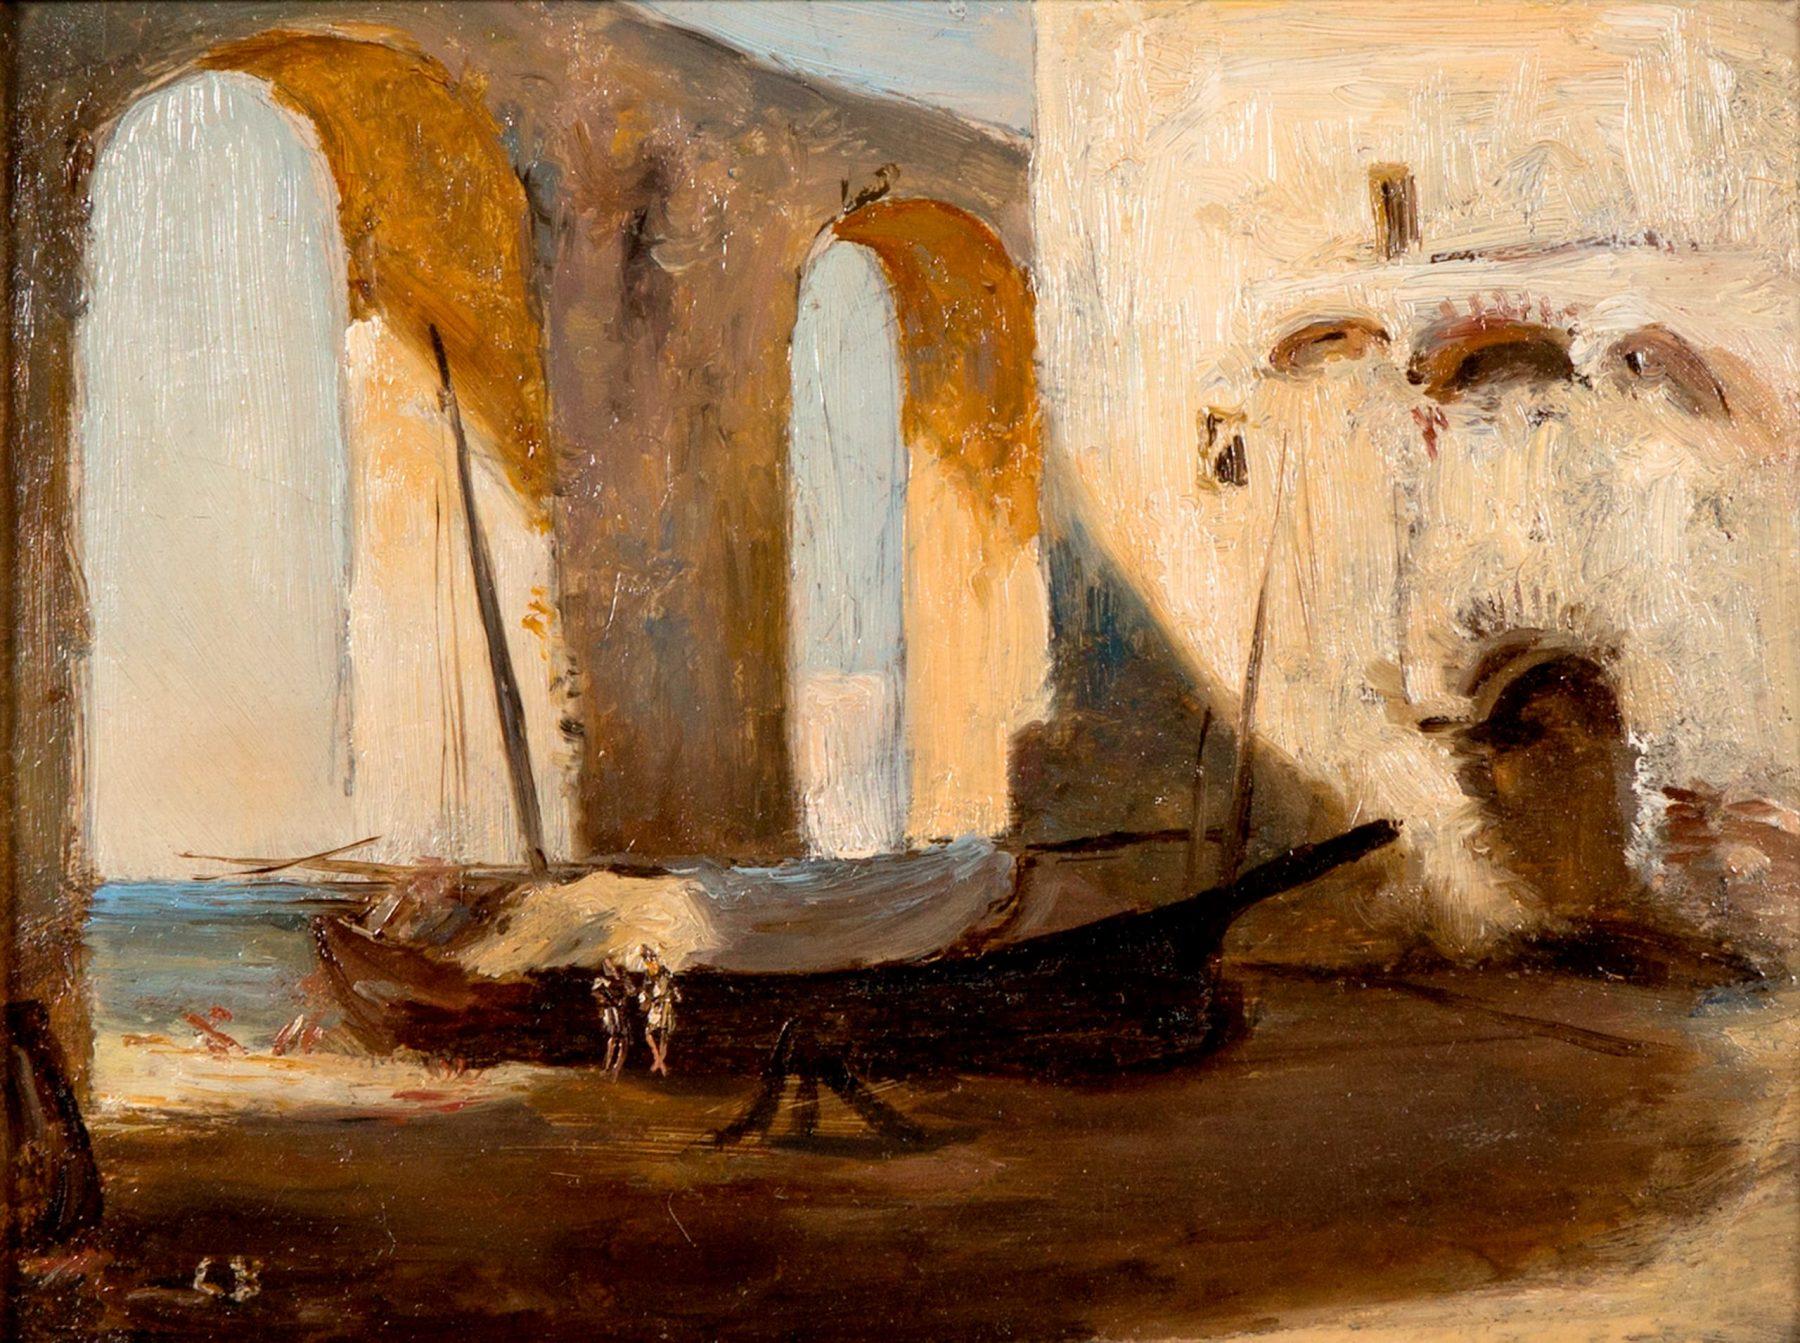 Landschaftsdarstellung mit gestrandetem Boot in hellen, beigen Farben.